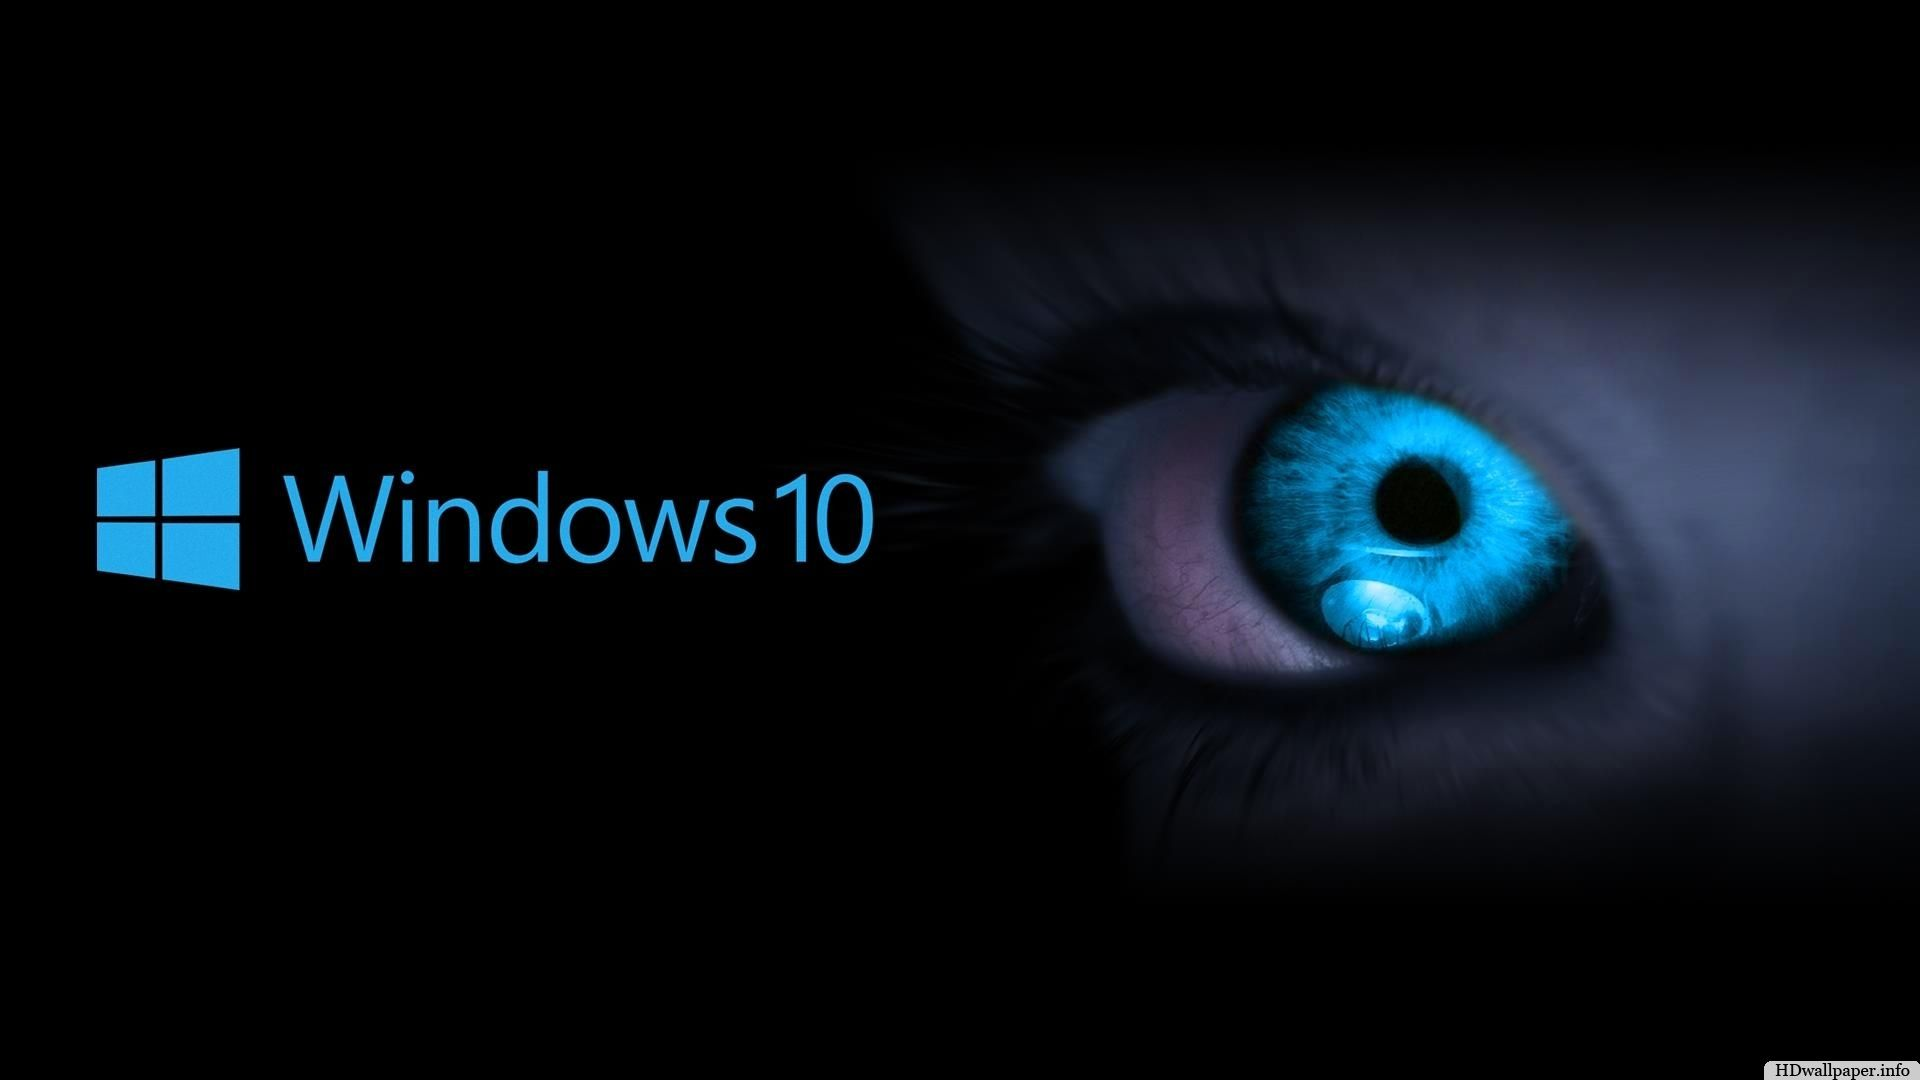 Windows 10 Wallpapers 1920x1080 Http Hdwallpaper Info Windows 10 Wallpapers 1920x1080 Hd Wall Windows Wallpaper Wallpaper Windows 10 Hd Wallpaper Desktop